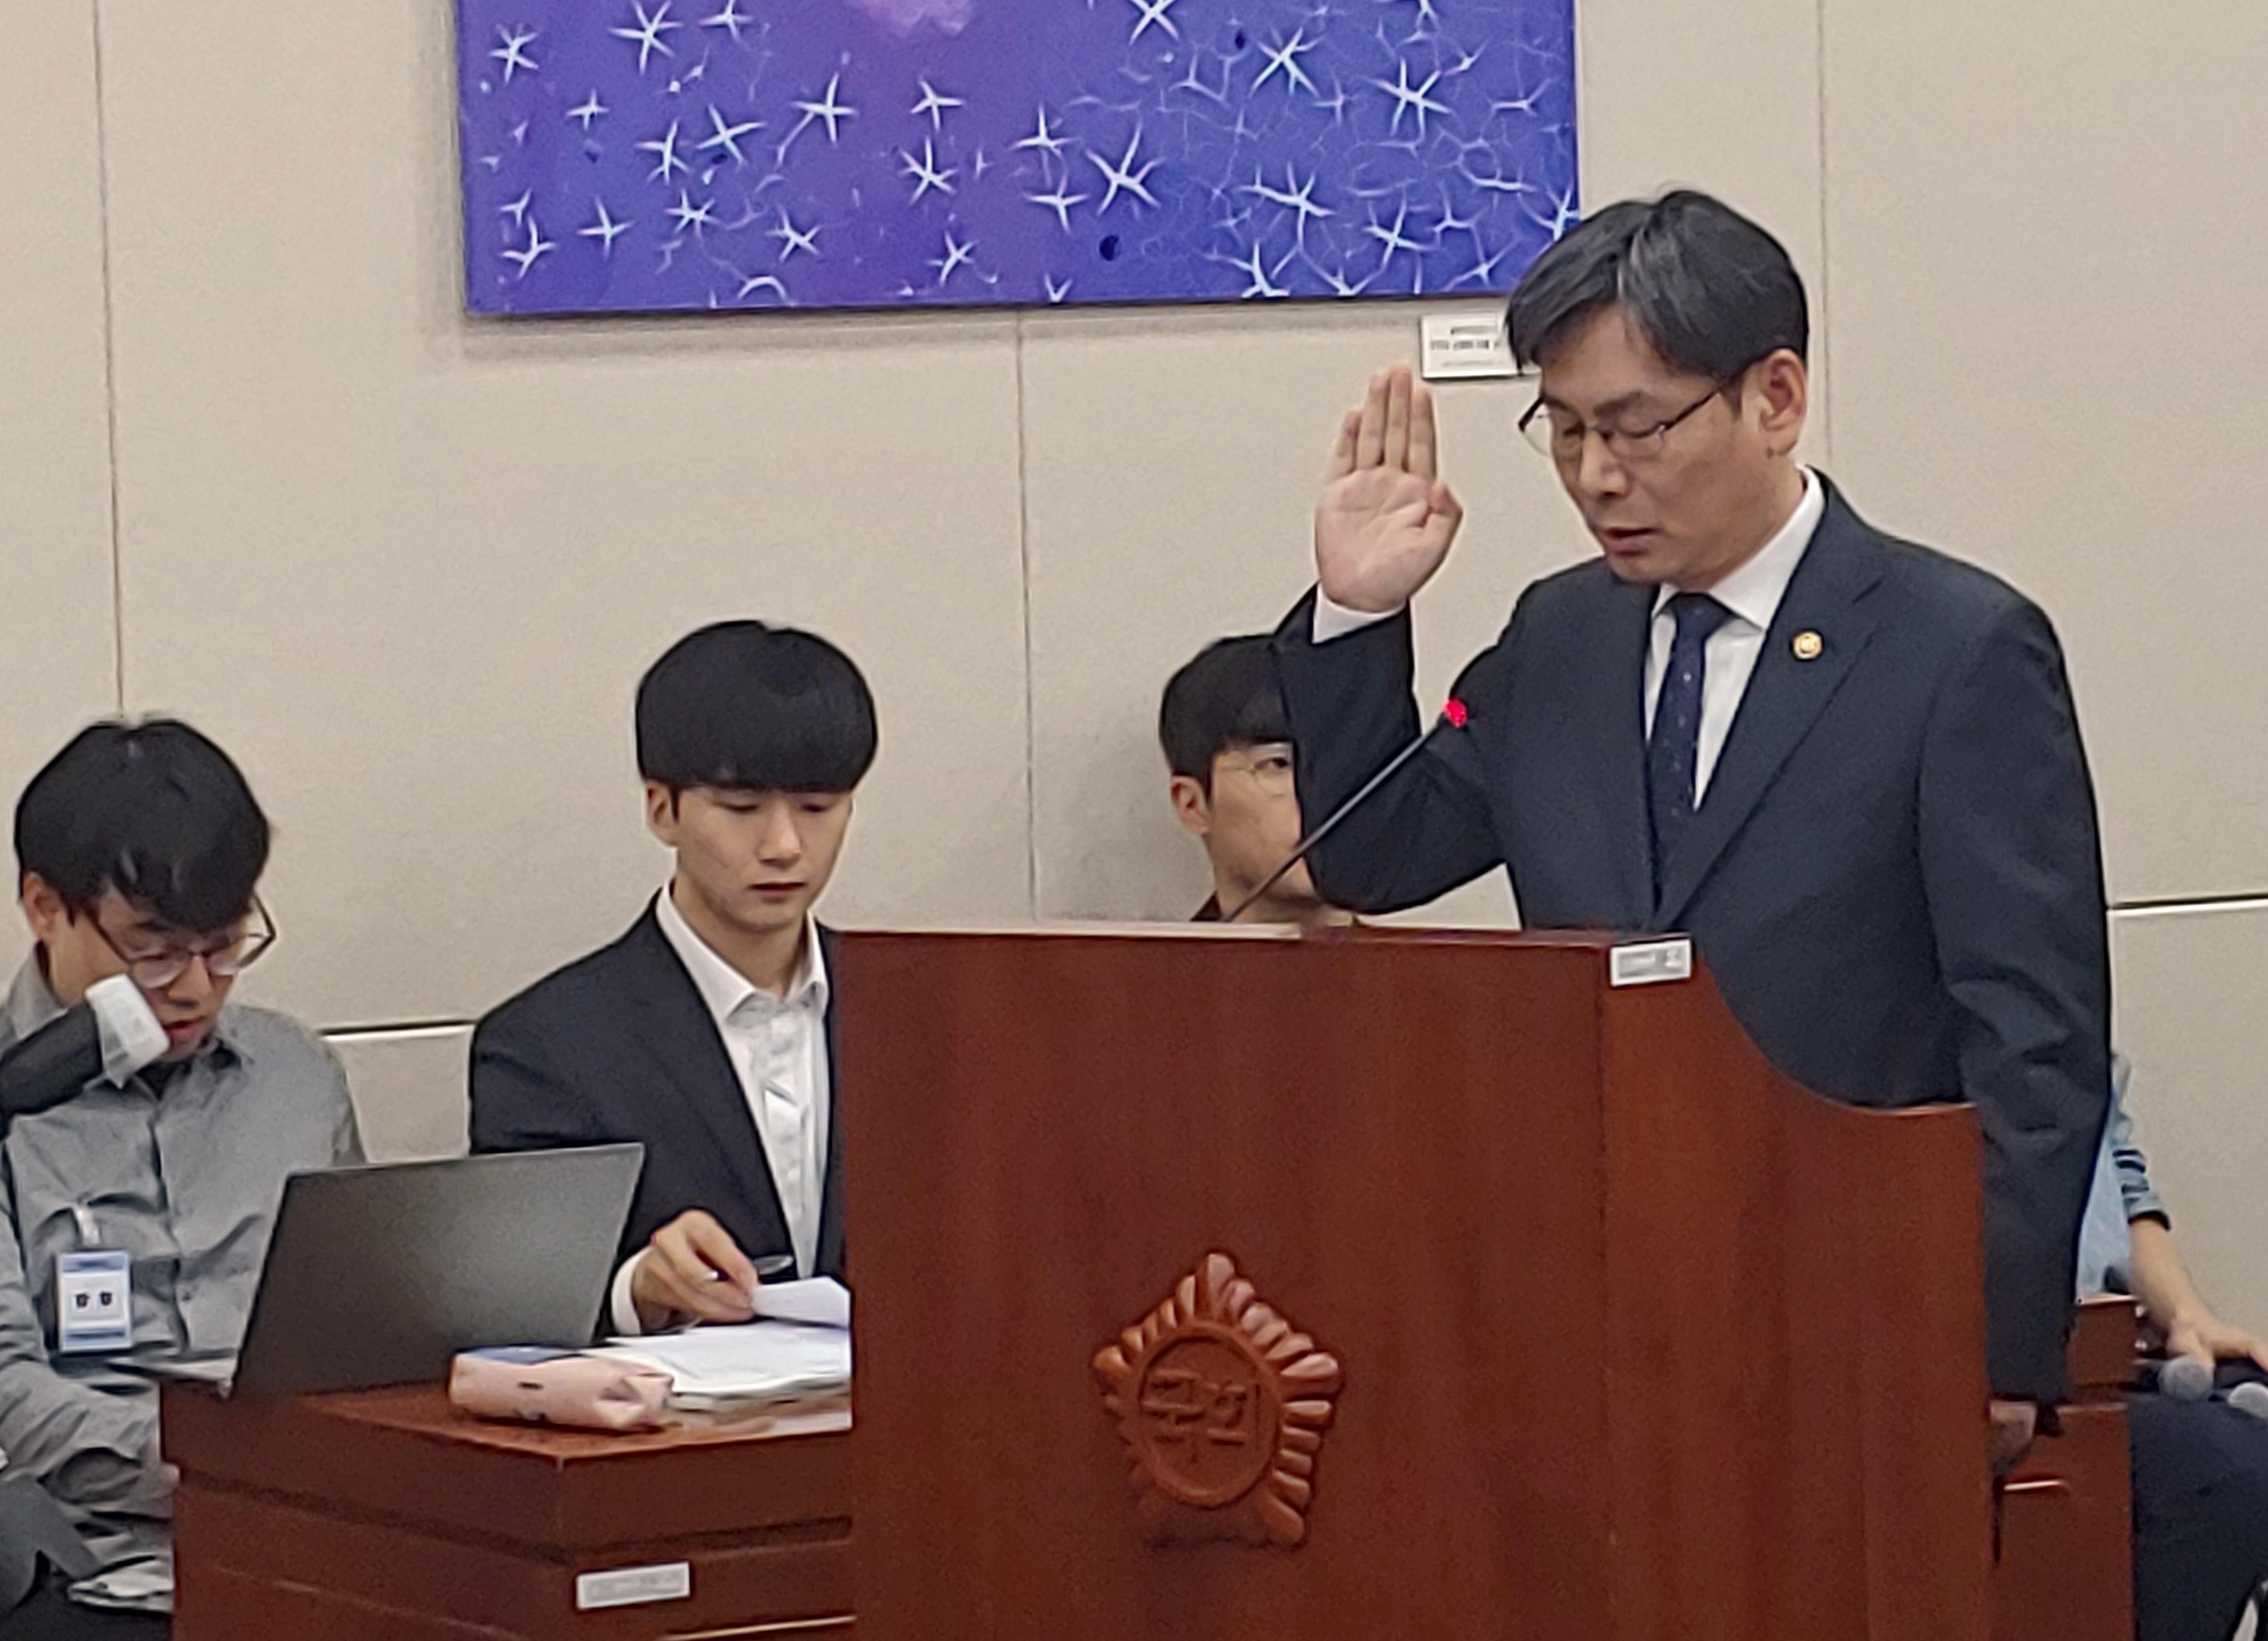 엄재식 원자력안전위원회 위원장이 과방위 국정감사에 앞서 선서를 하고 있다. 조승한 기자 shinjsh@donga.com